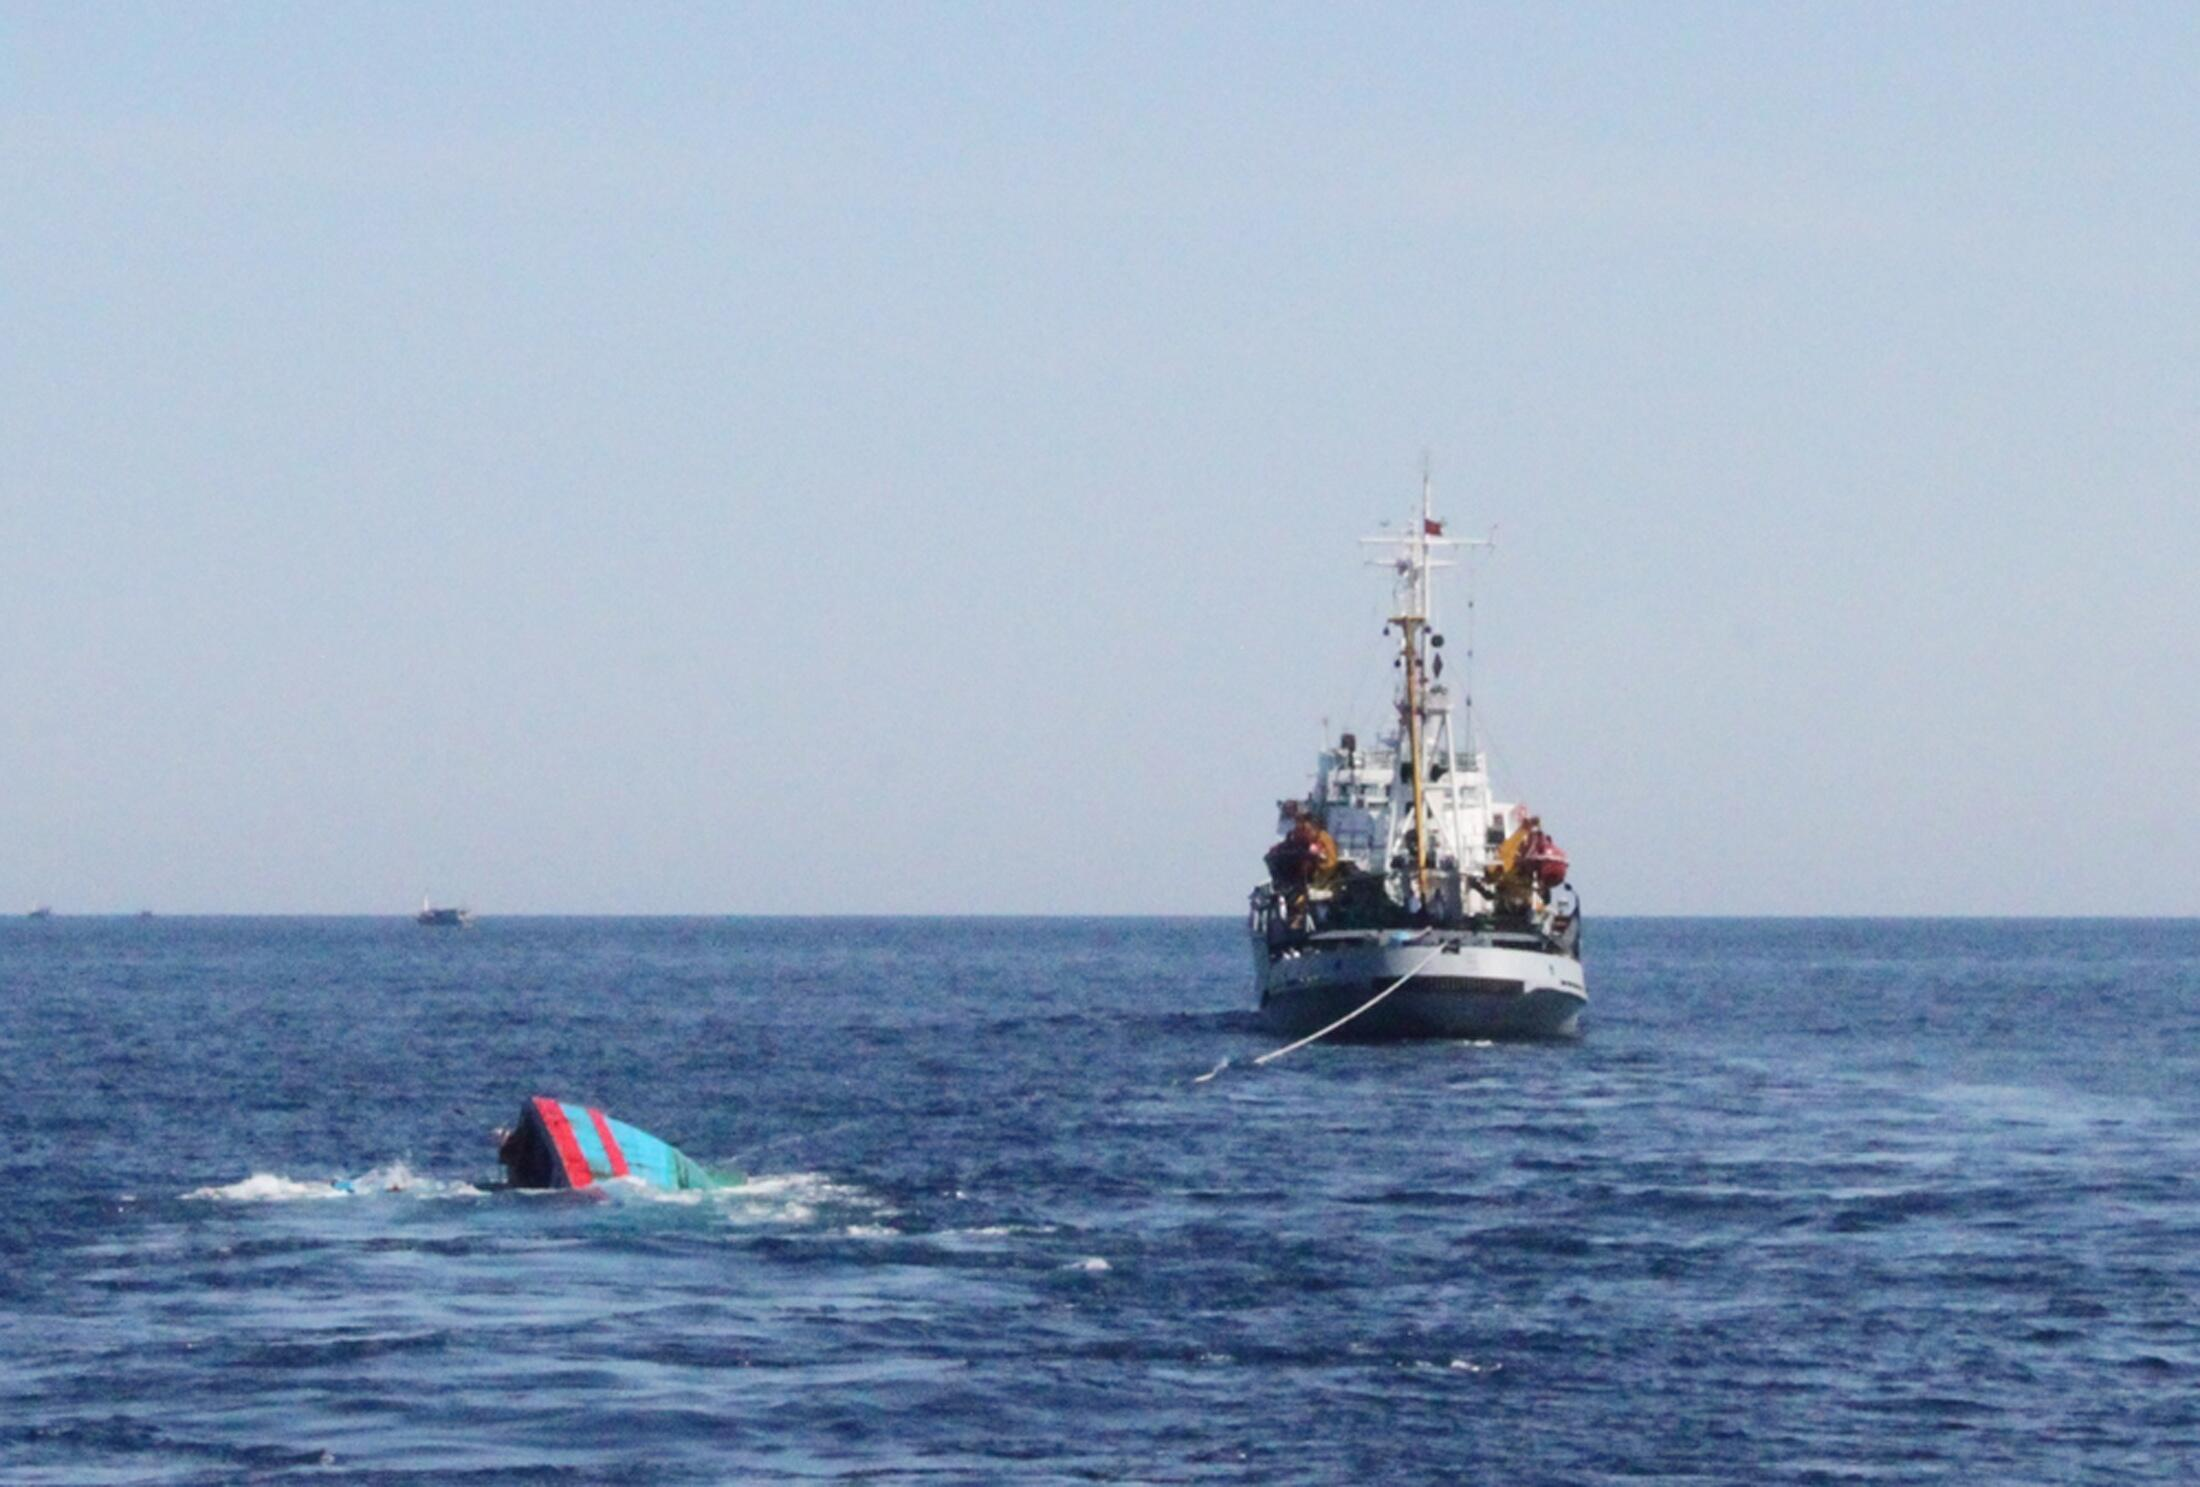 Tàu cá của Việt Nam (T) bị tàu Trung Quốc đâm và chìm, đang được kéo về cảng Lý Sơn, Việt Nam (ảnh chụp 29/05/2014)